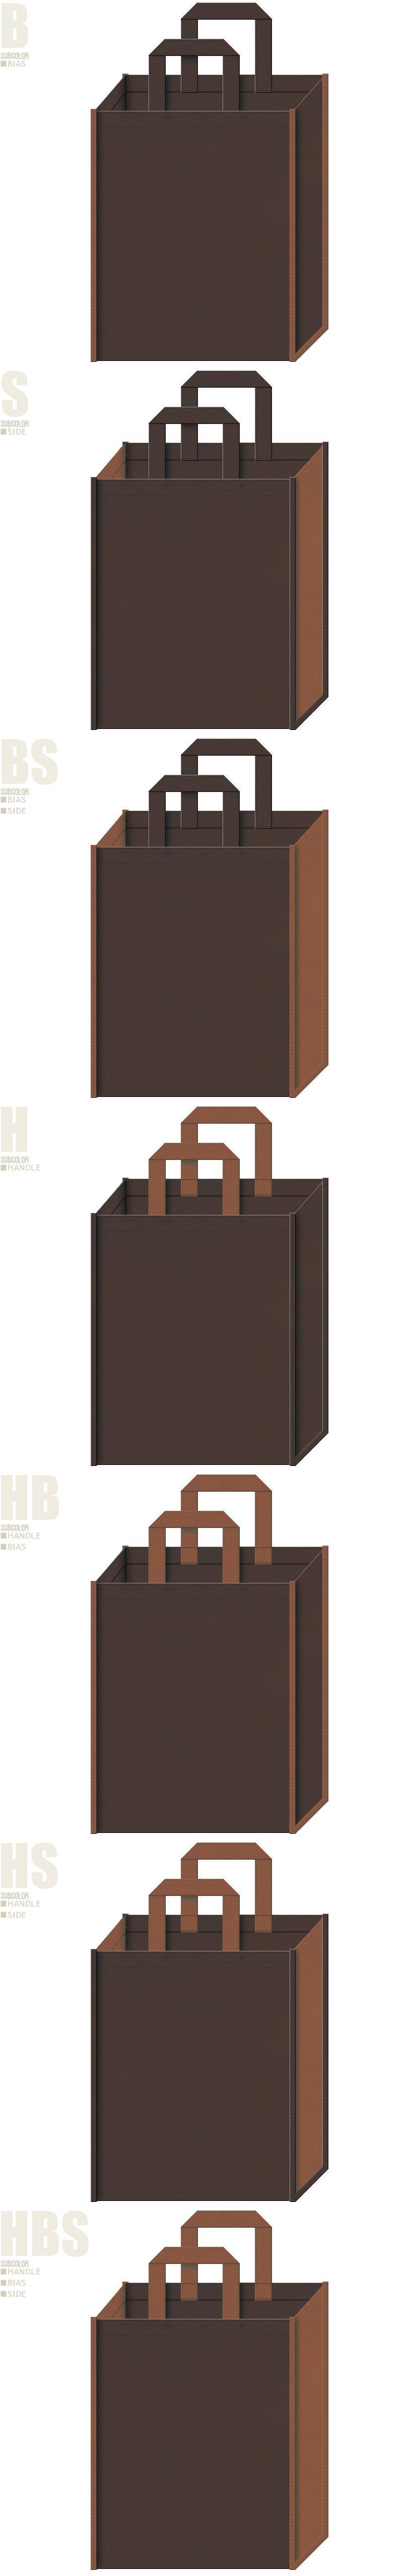 ベーカリー・カフェ・チョコレート・革製品・サラブレッド・ログハウスのイメージにお奨めの不織布バッグデザイン:こげ茶色と茶色の不織布バッグ配色7パターン。